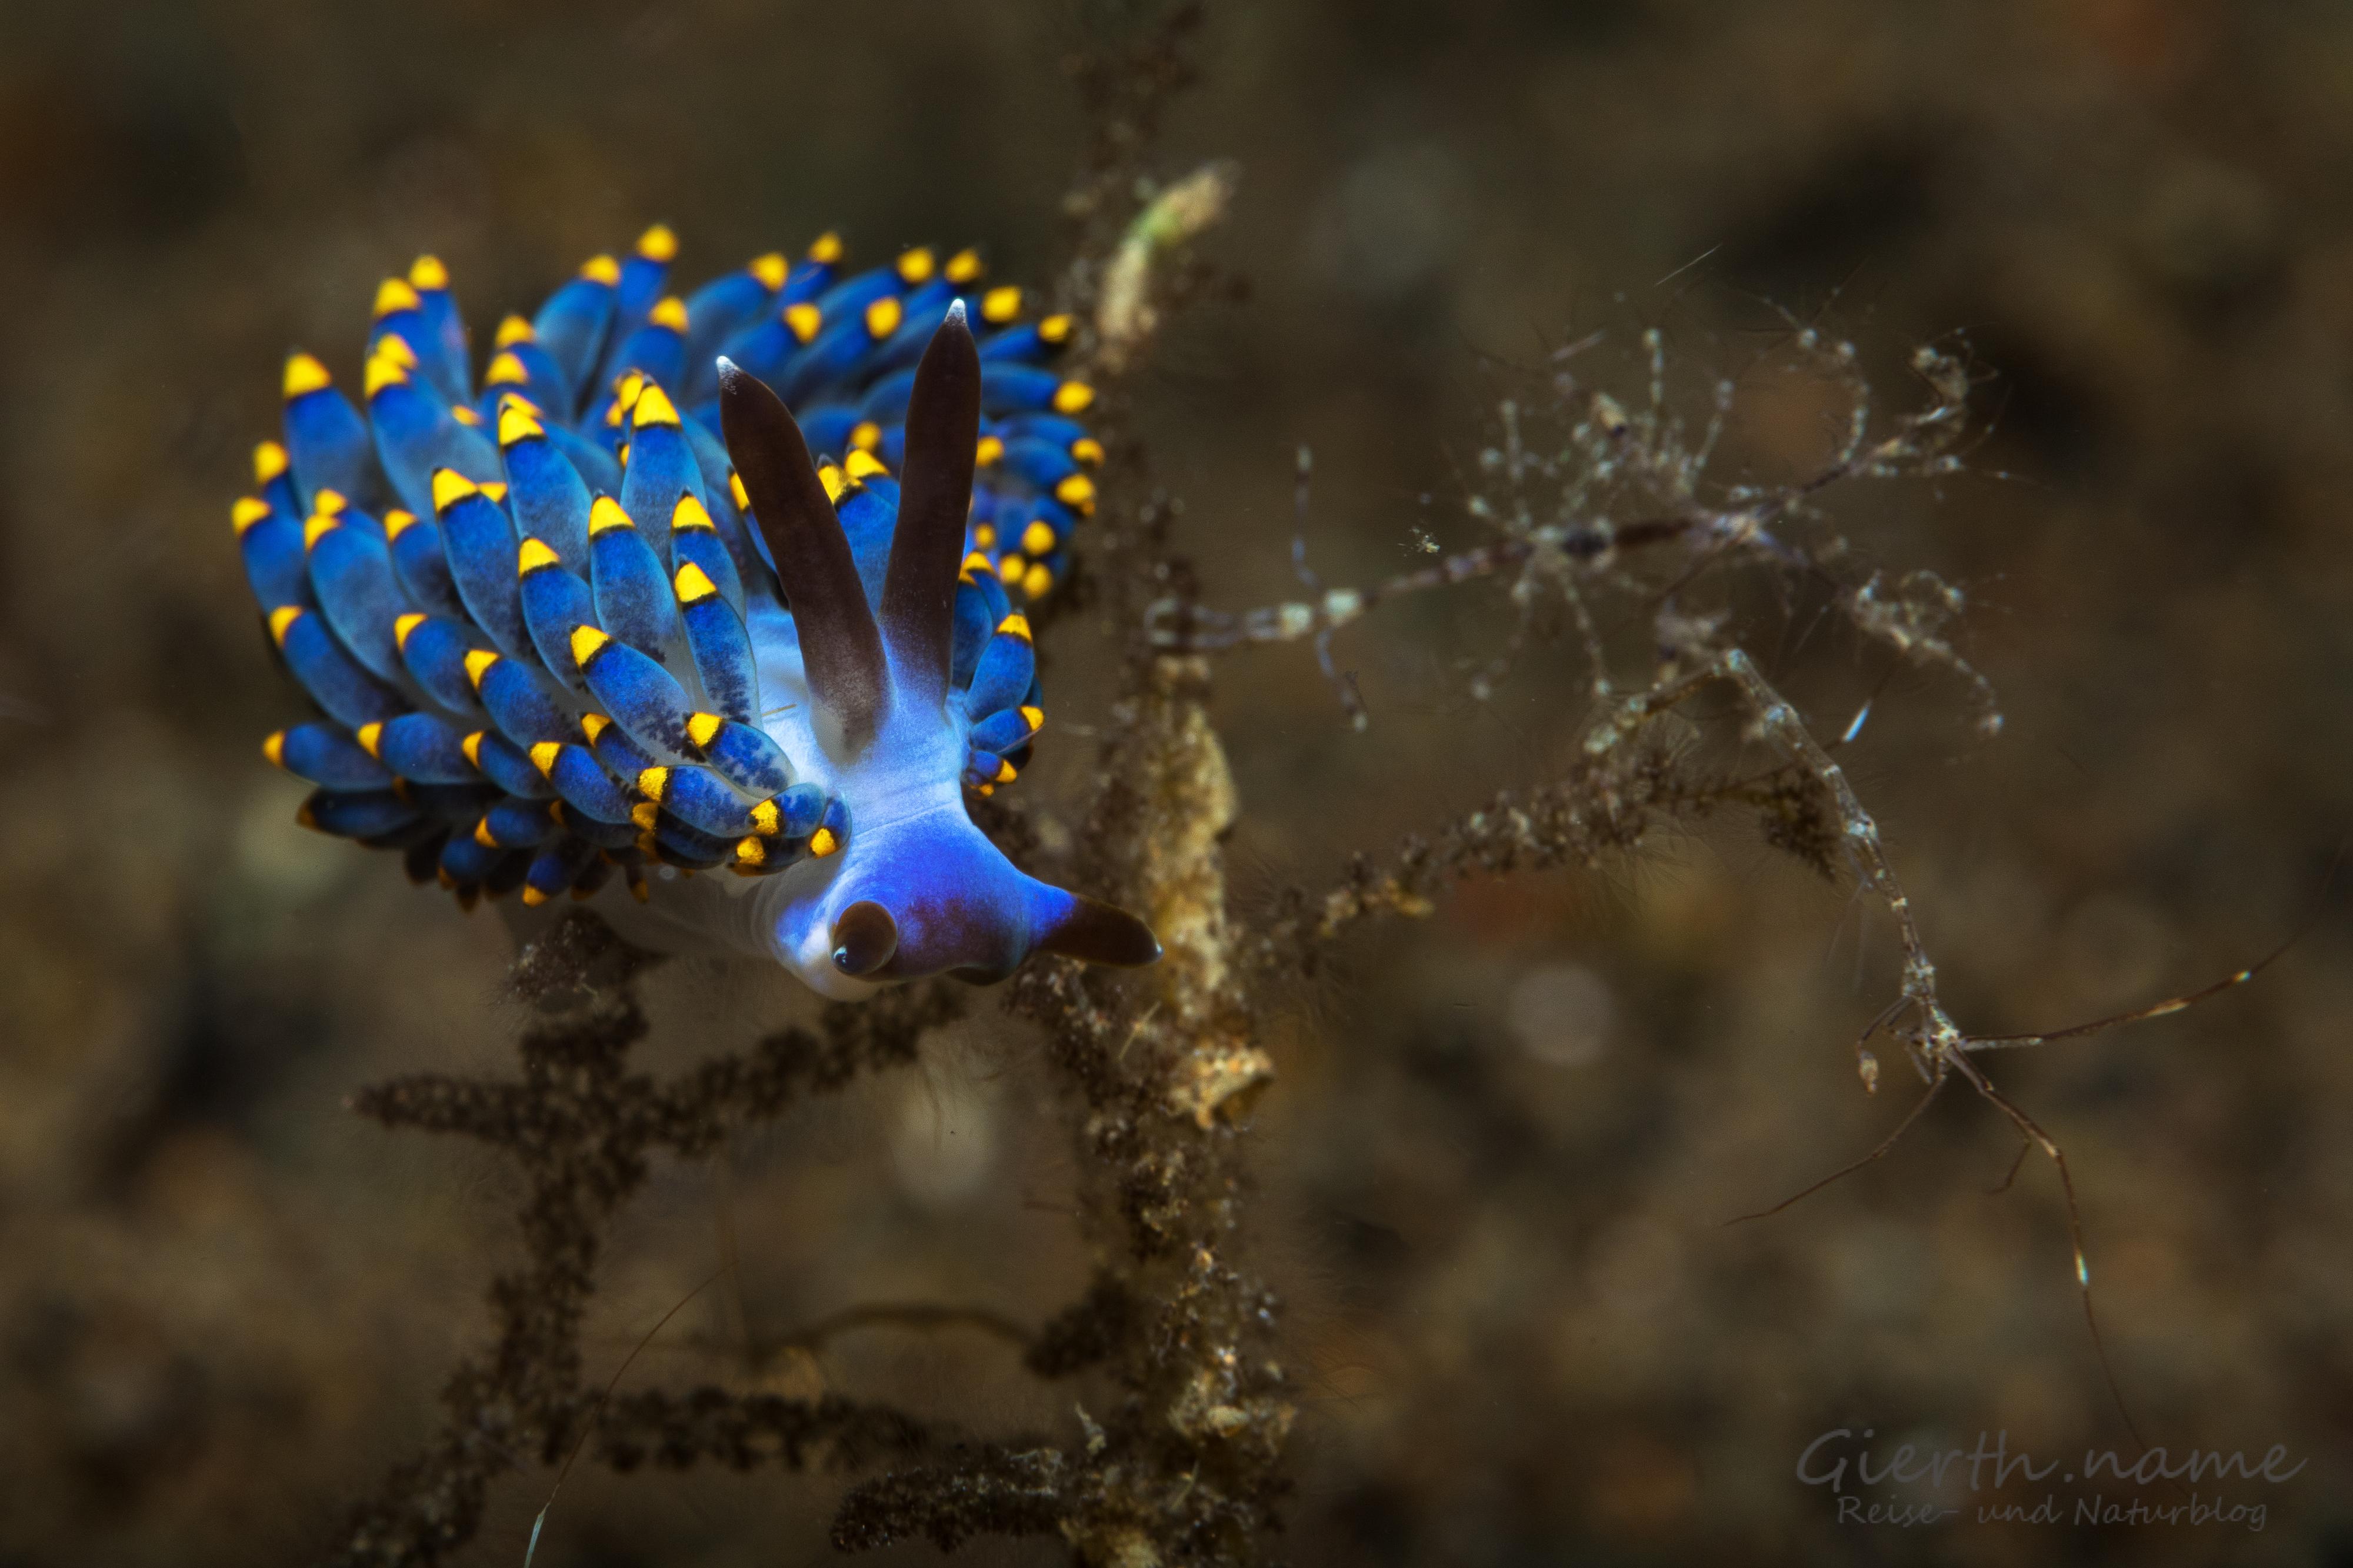 Trinchesia yamasui Nacktschnecke und ein Skeleton Shrimp